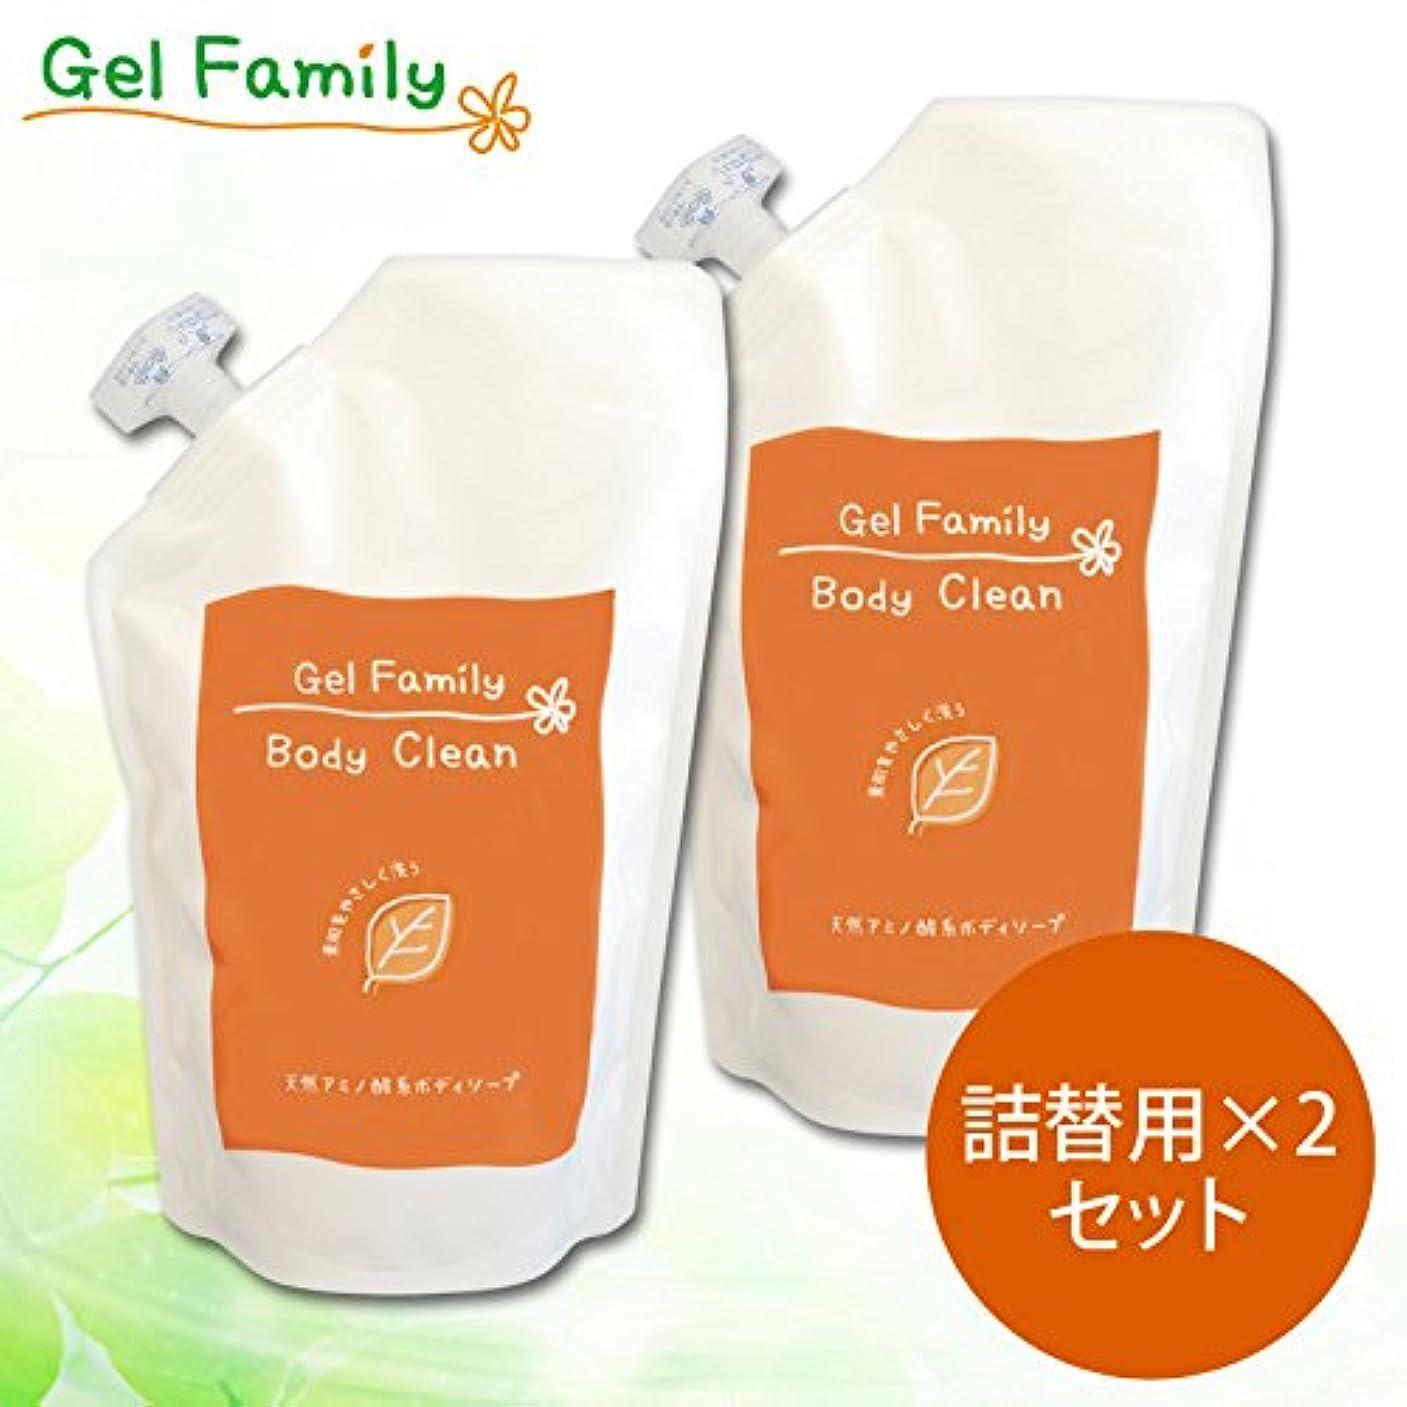 ワイン大ファッションゲルファミリーボディクリーン詰め替え2パックセット【GelFamily】